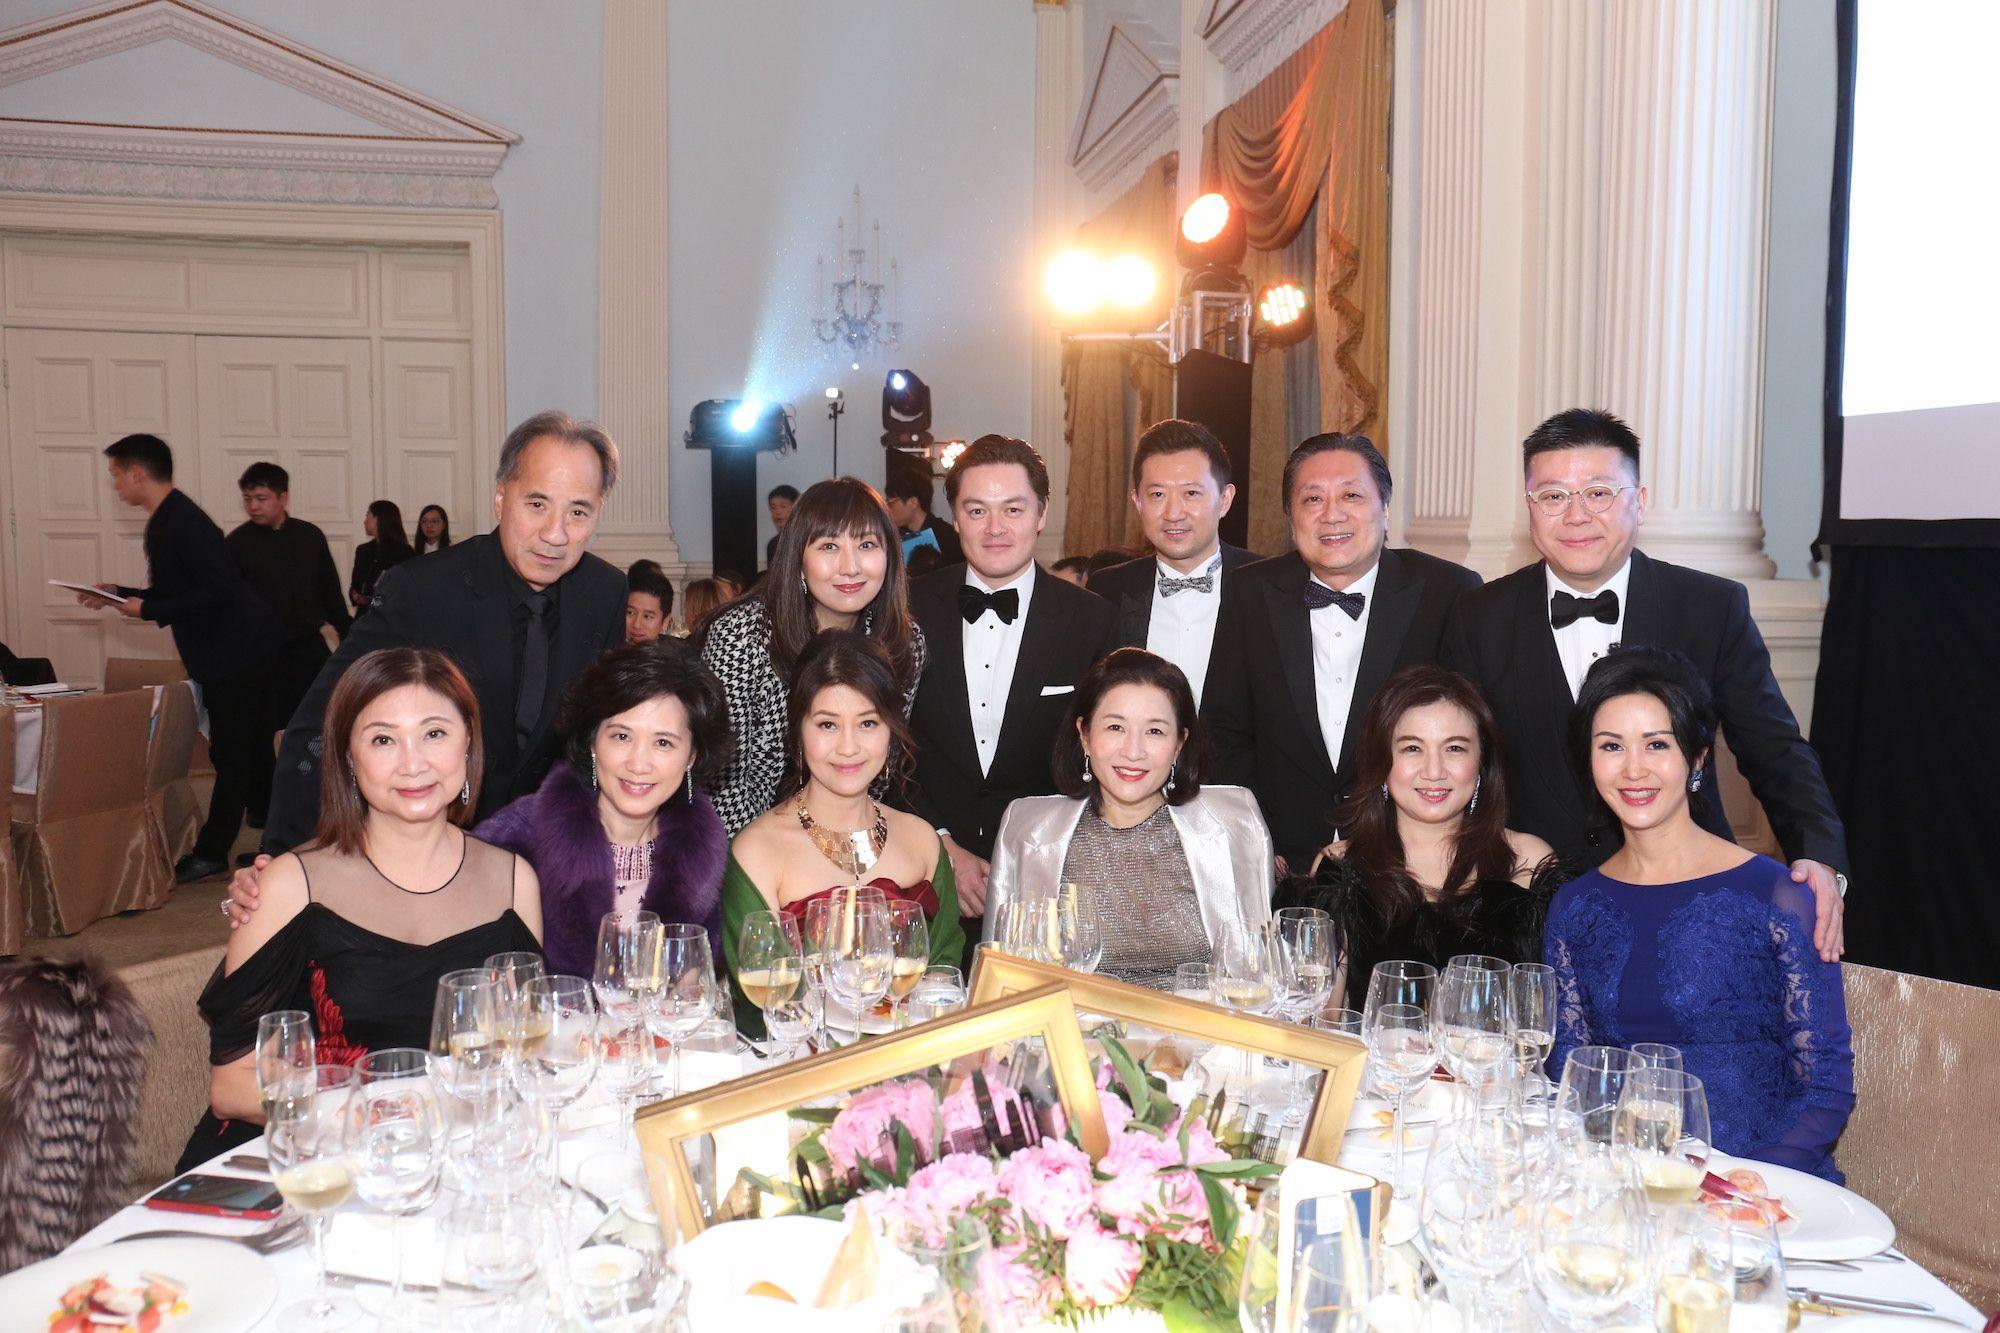 Standing - Edward Fung, Suzanne Chou, Jonathan Crockett, Ricky Chim, Daniel Chan, Matthew Lam. Seated - Catherine Fung, Wendy Tsang, Cecilia Cheung, Lisa Lam, Angel Chan, Lianne Lam